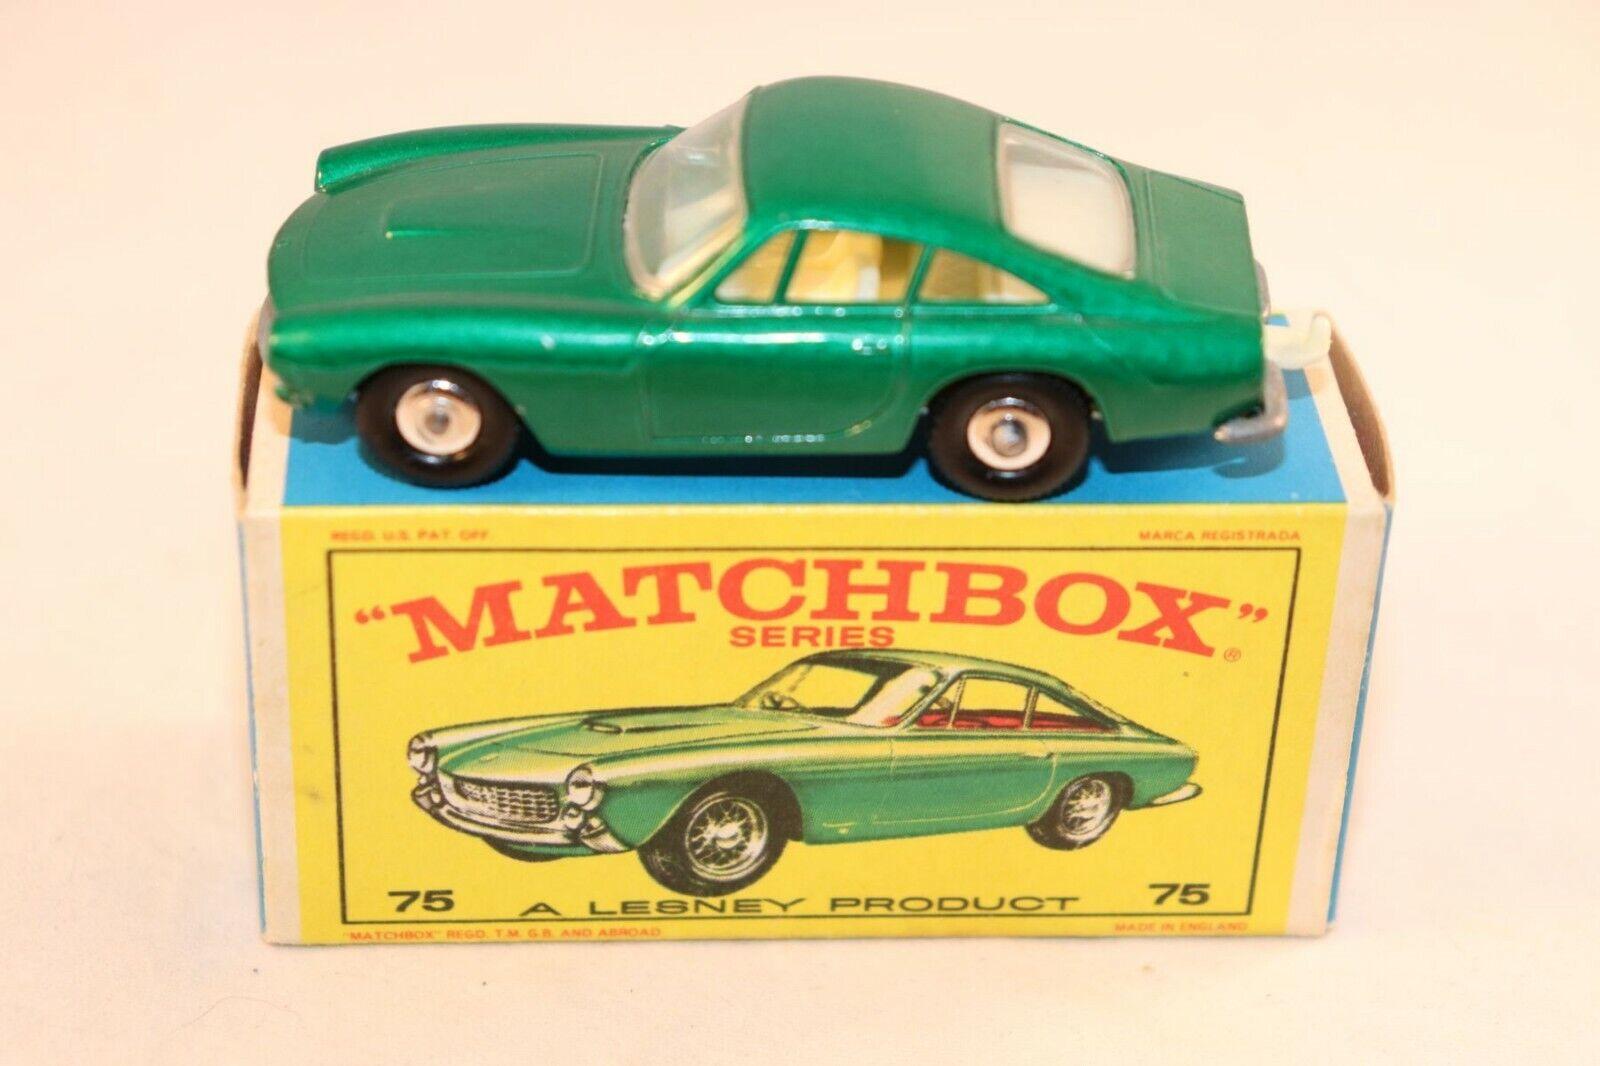 Matchbox Lesney No 75 Ferrari Berlinetta green perfect mint in near mint box